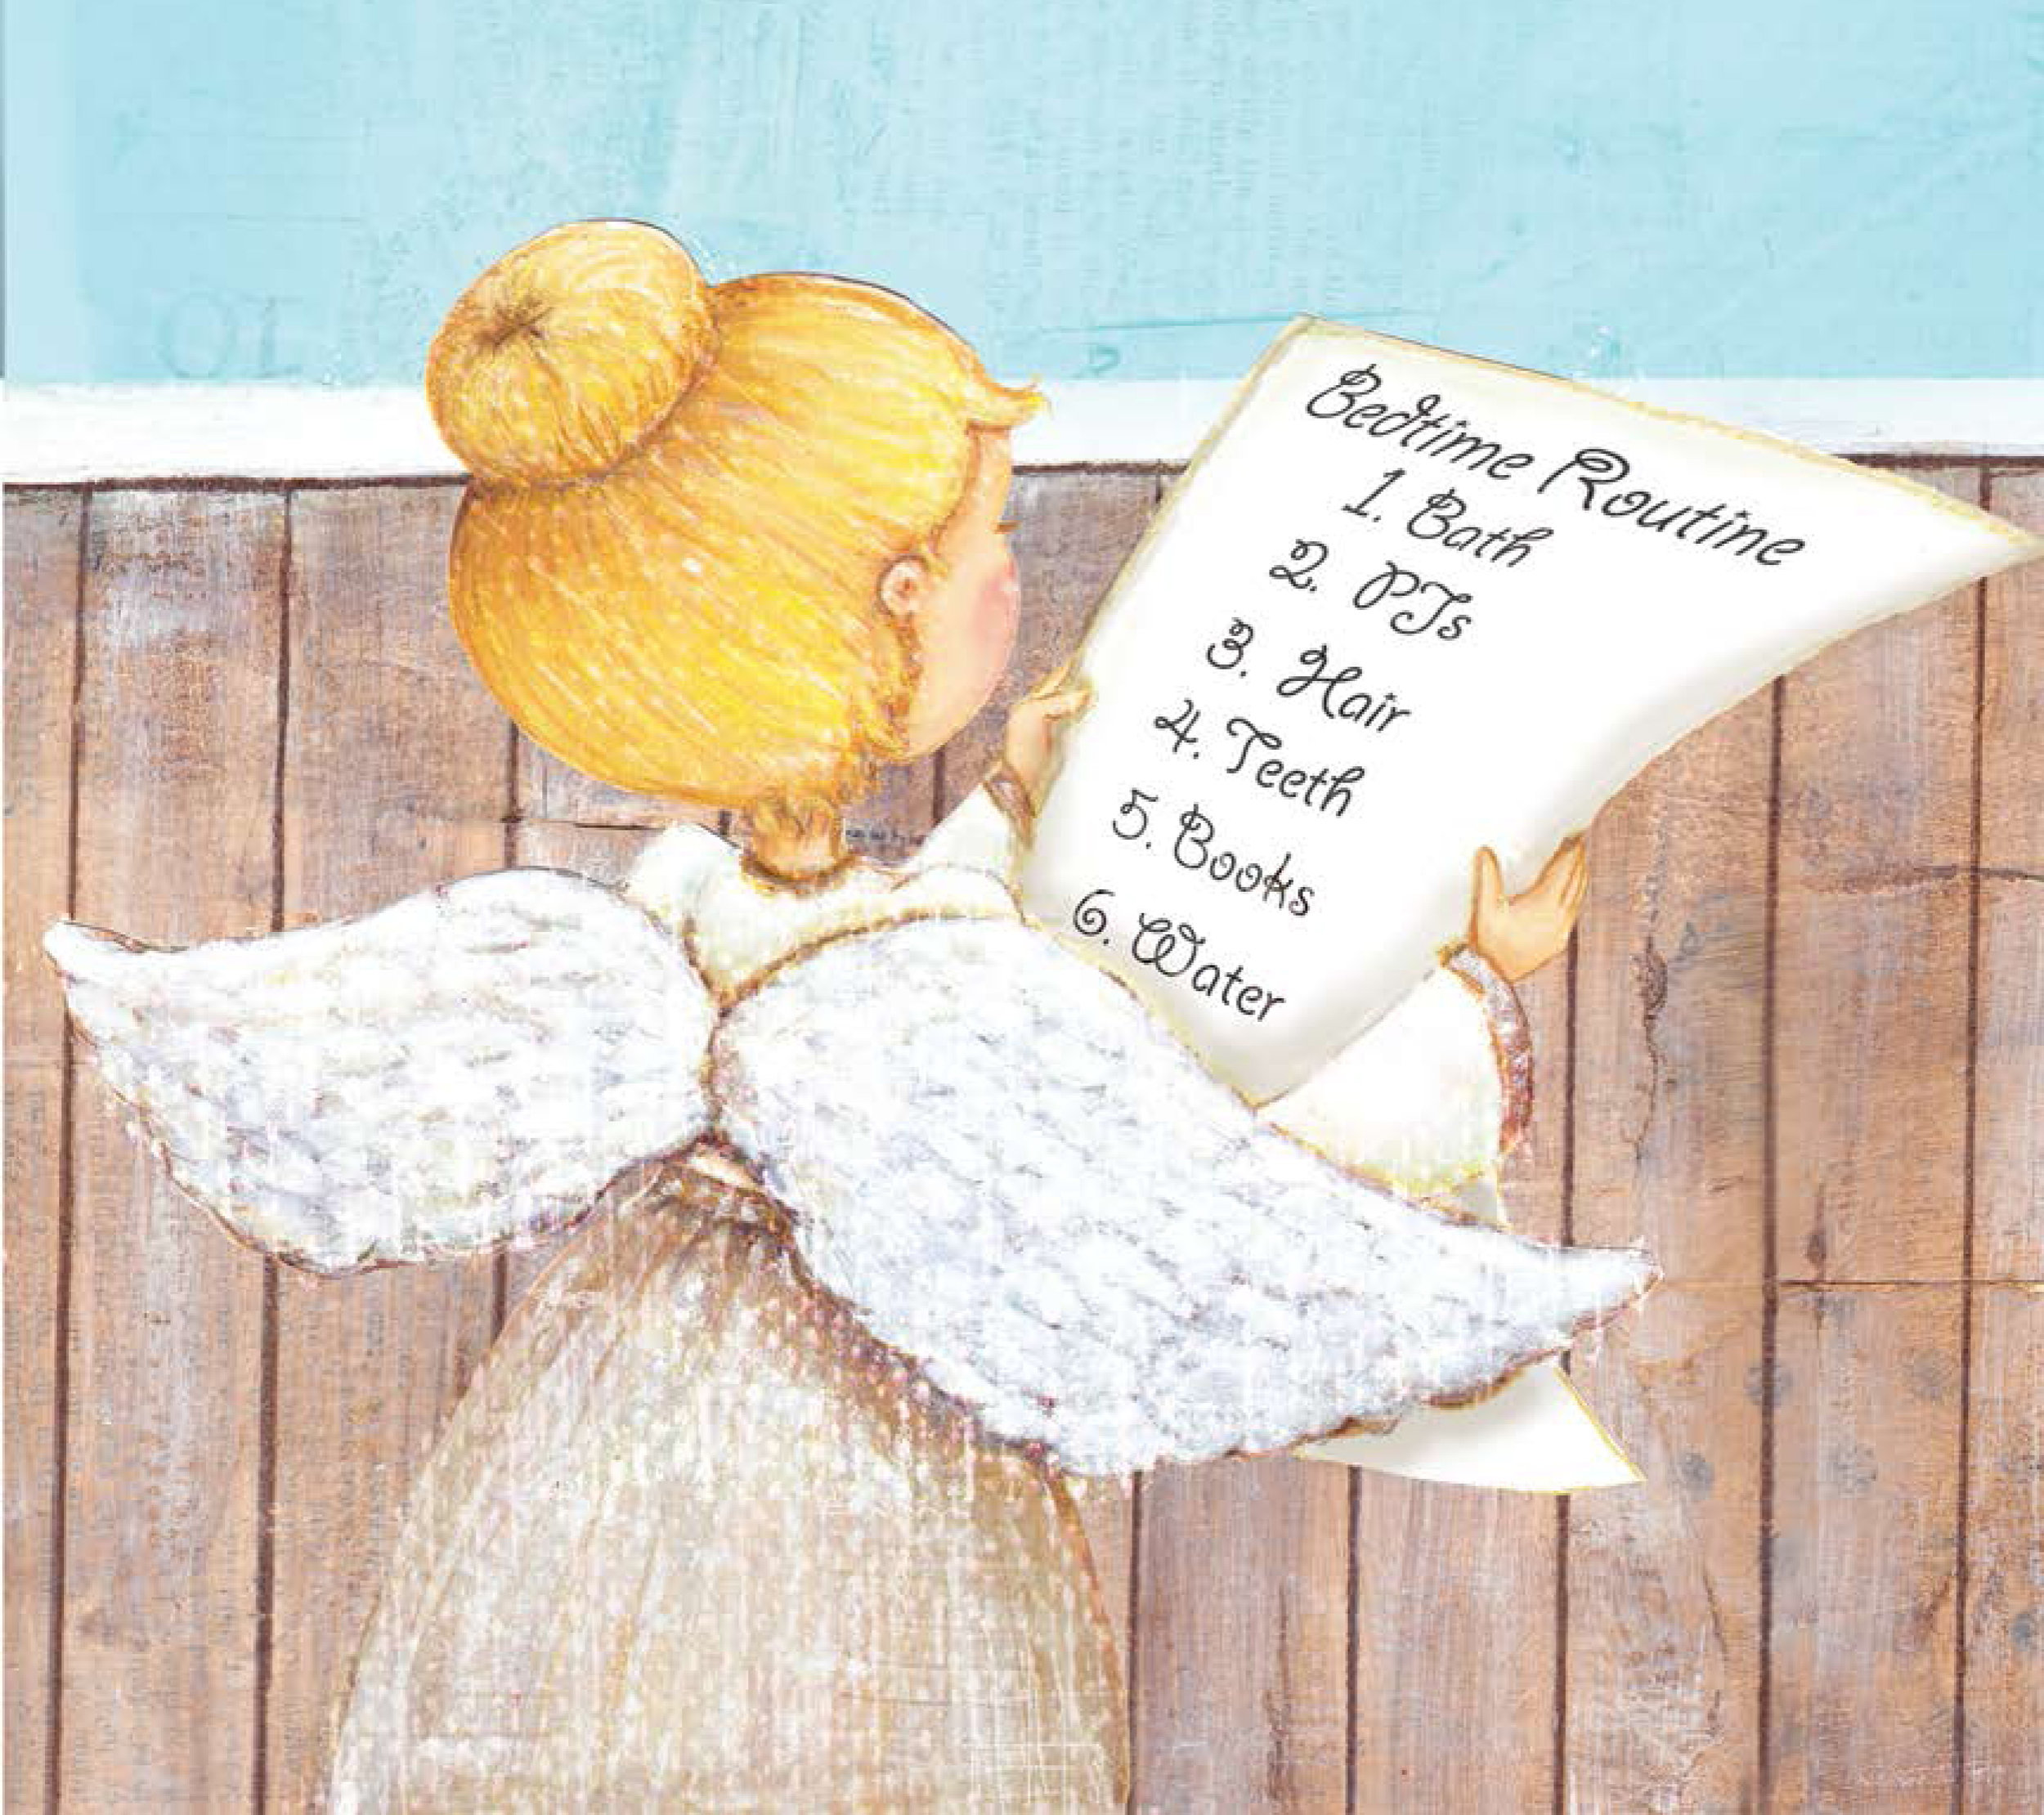 Angel Bedtime Routine.jpg